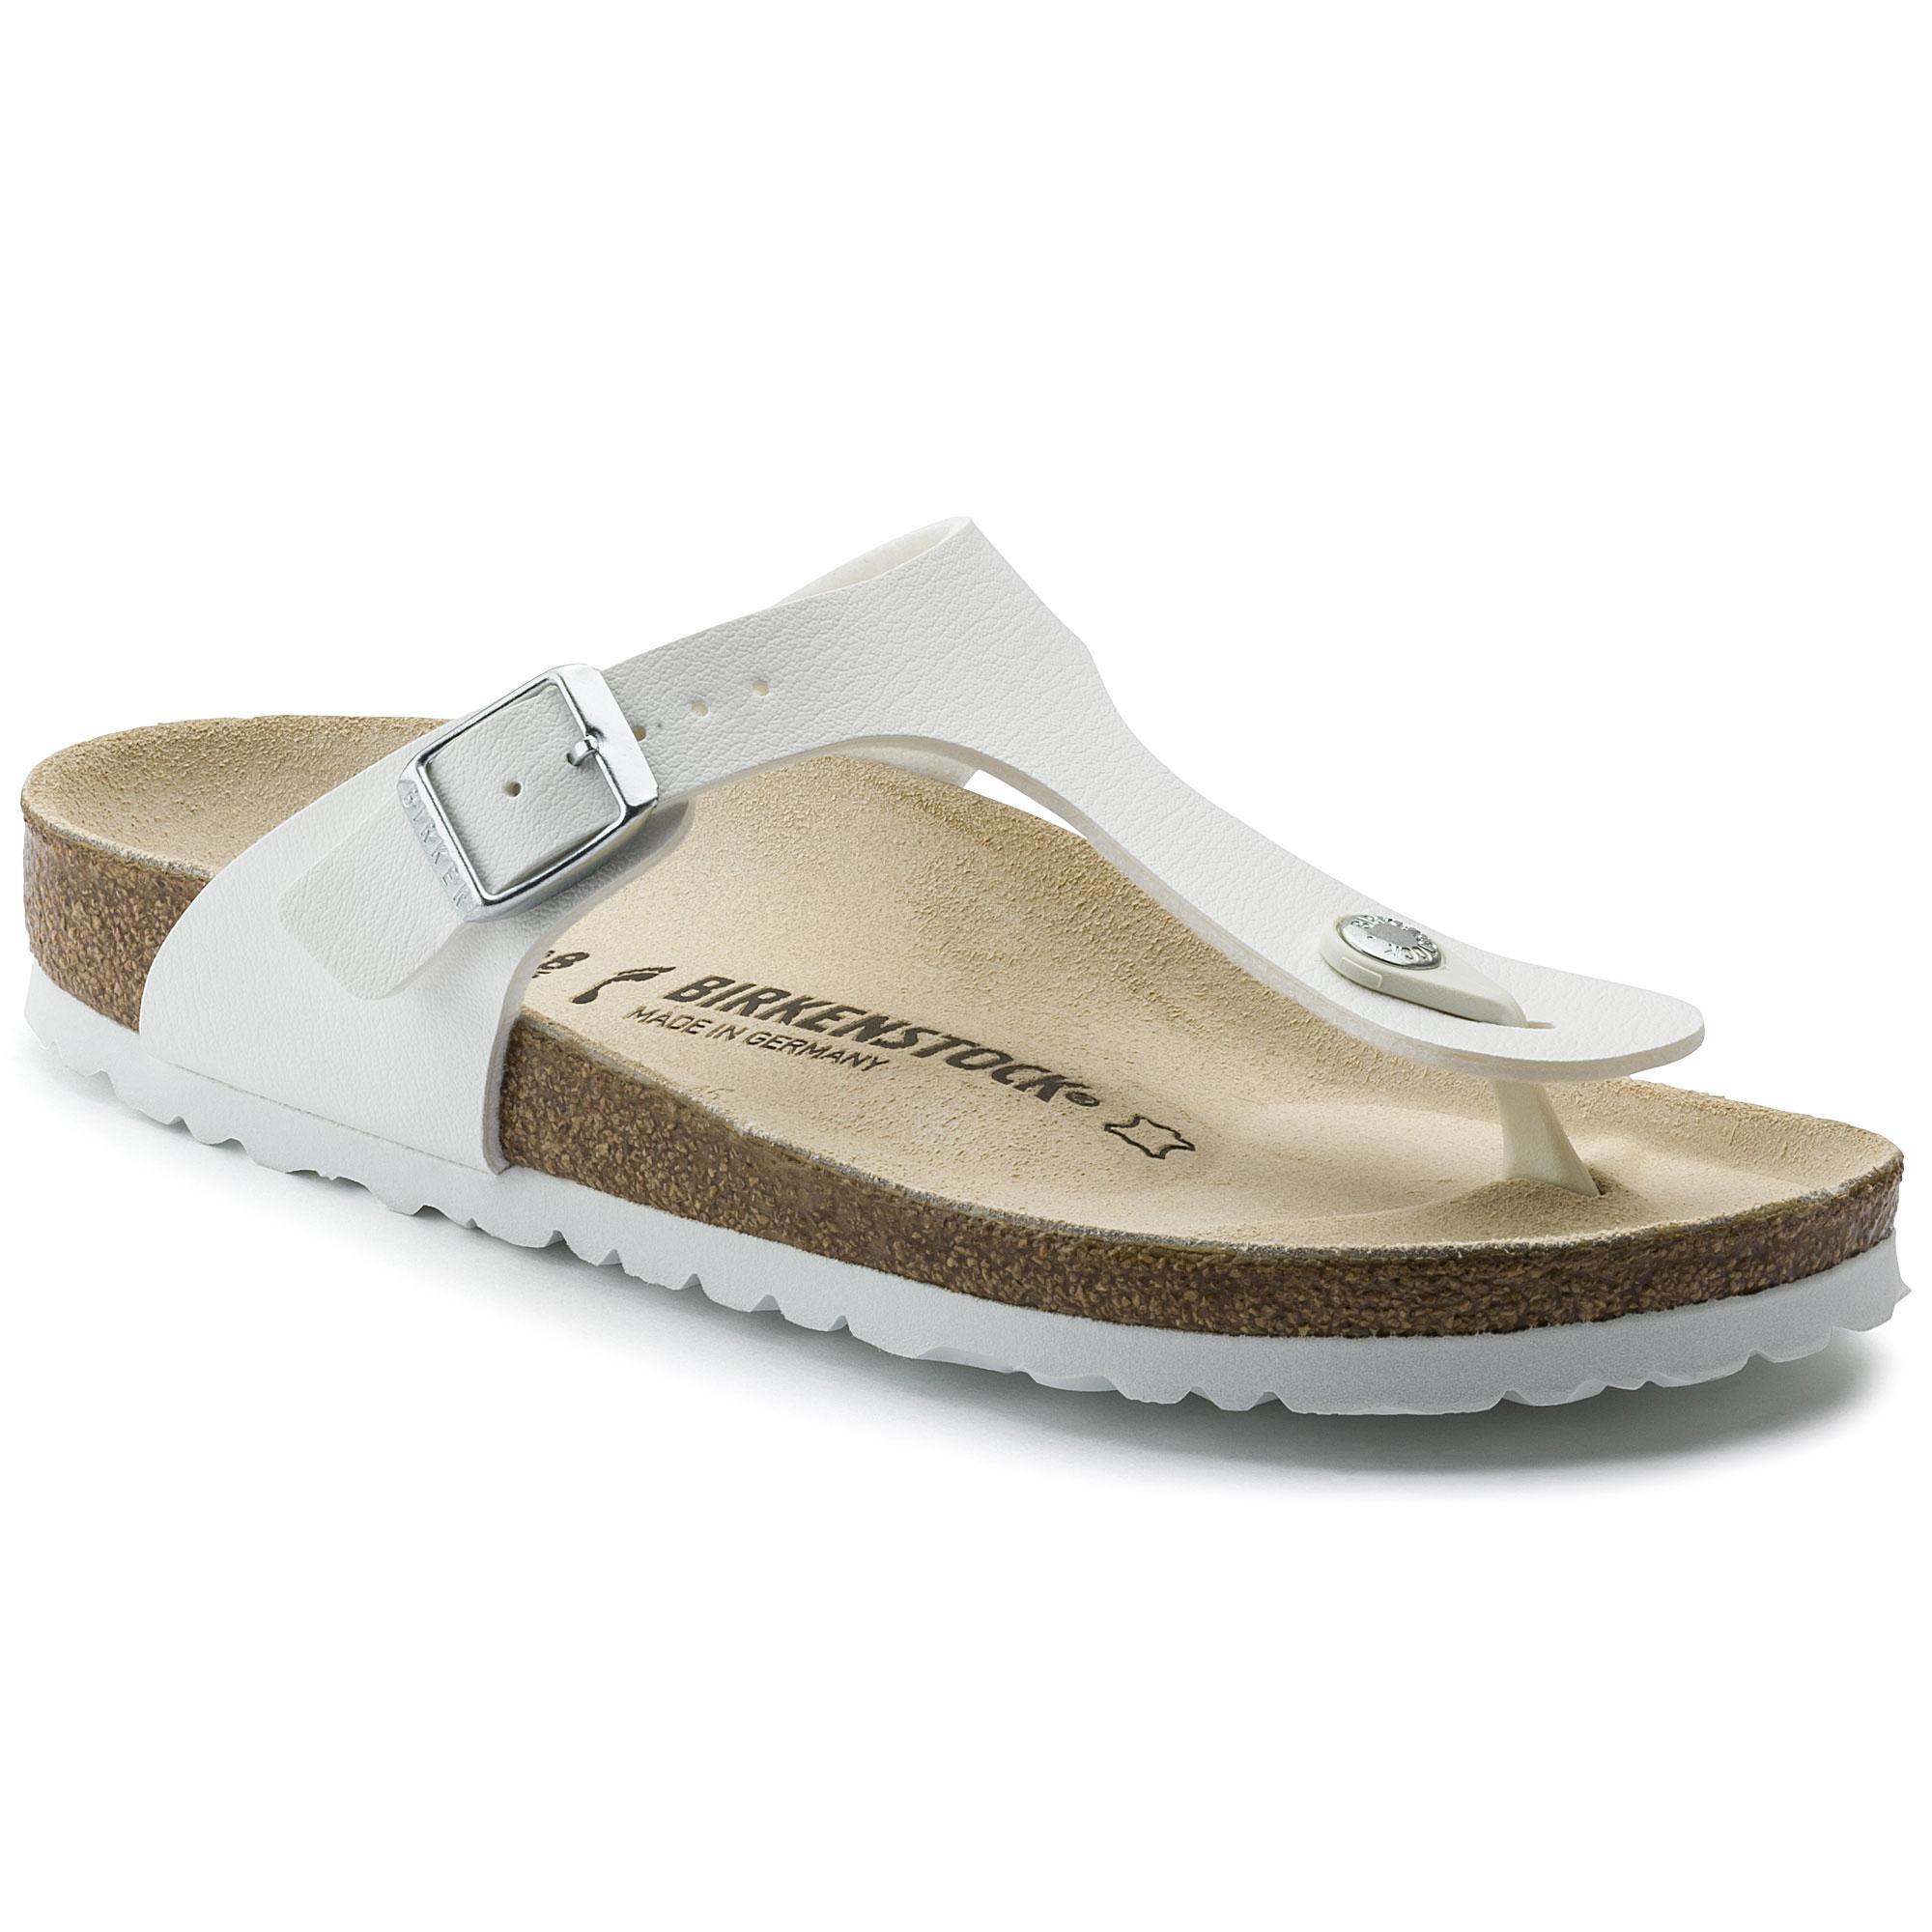 Birkenstock Sandale GIZEH Gr 39, Flipflops Birkenstock